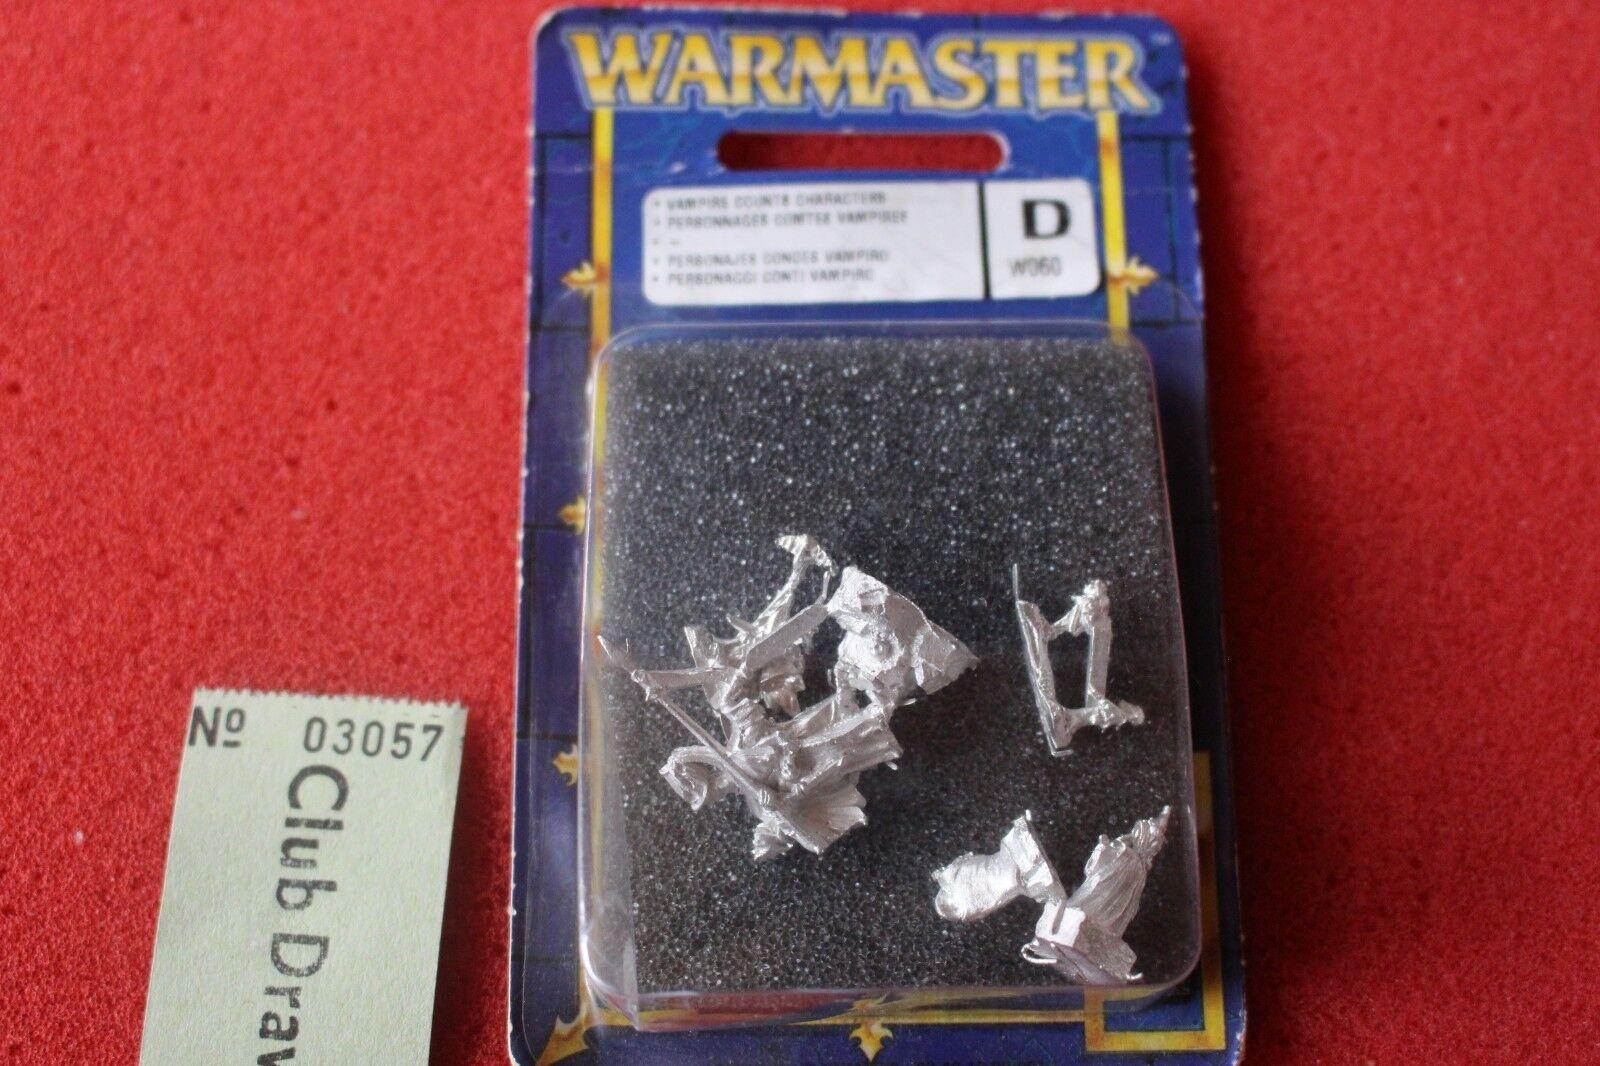 marche online vendita a basso costo giocos lavoronegozio Warmaster VAMPIRO CONTA personaggi 10mm NUOVO con con con scatola nuovo non morti sautose  all'ingrosso economico e di alta qualità